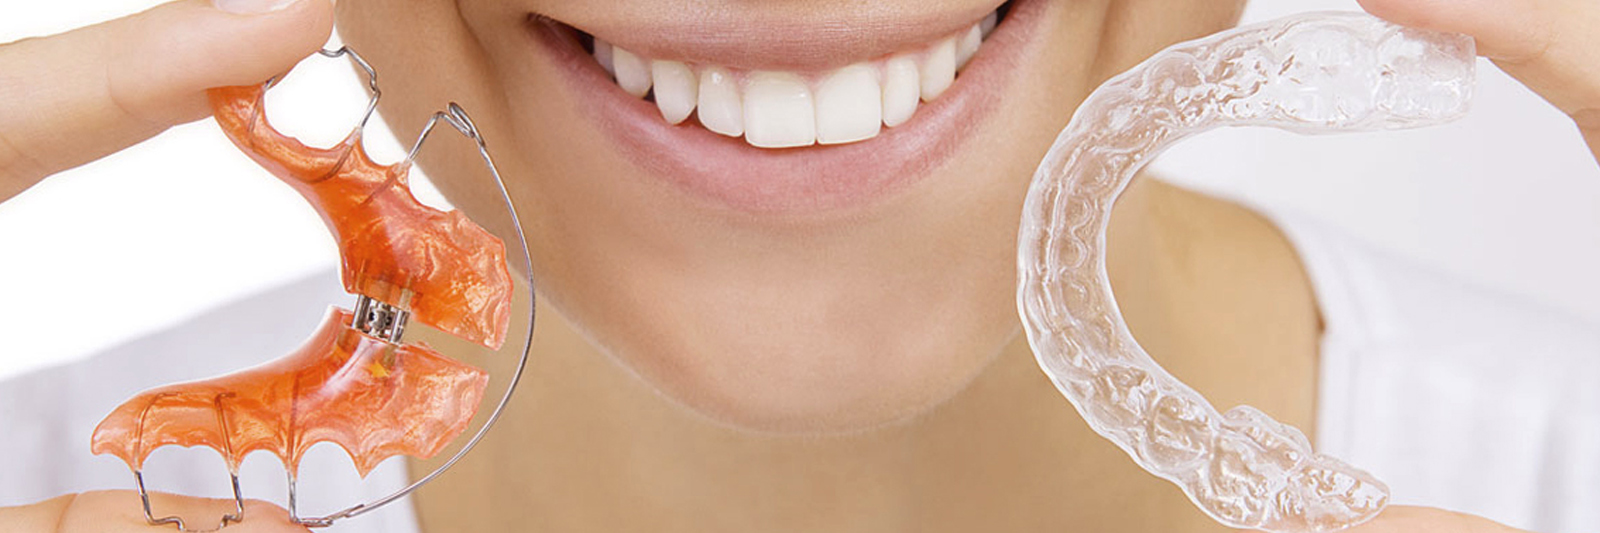 Ортодонтия. Исправление прикуса в Твери